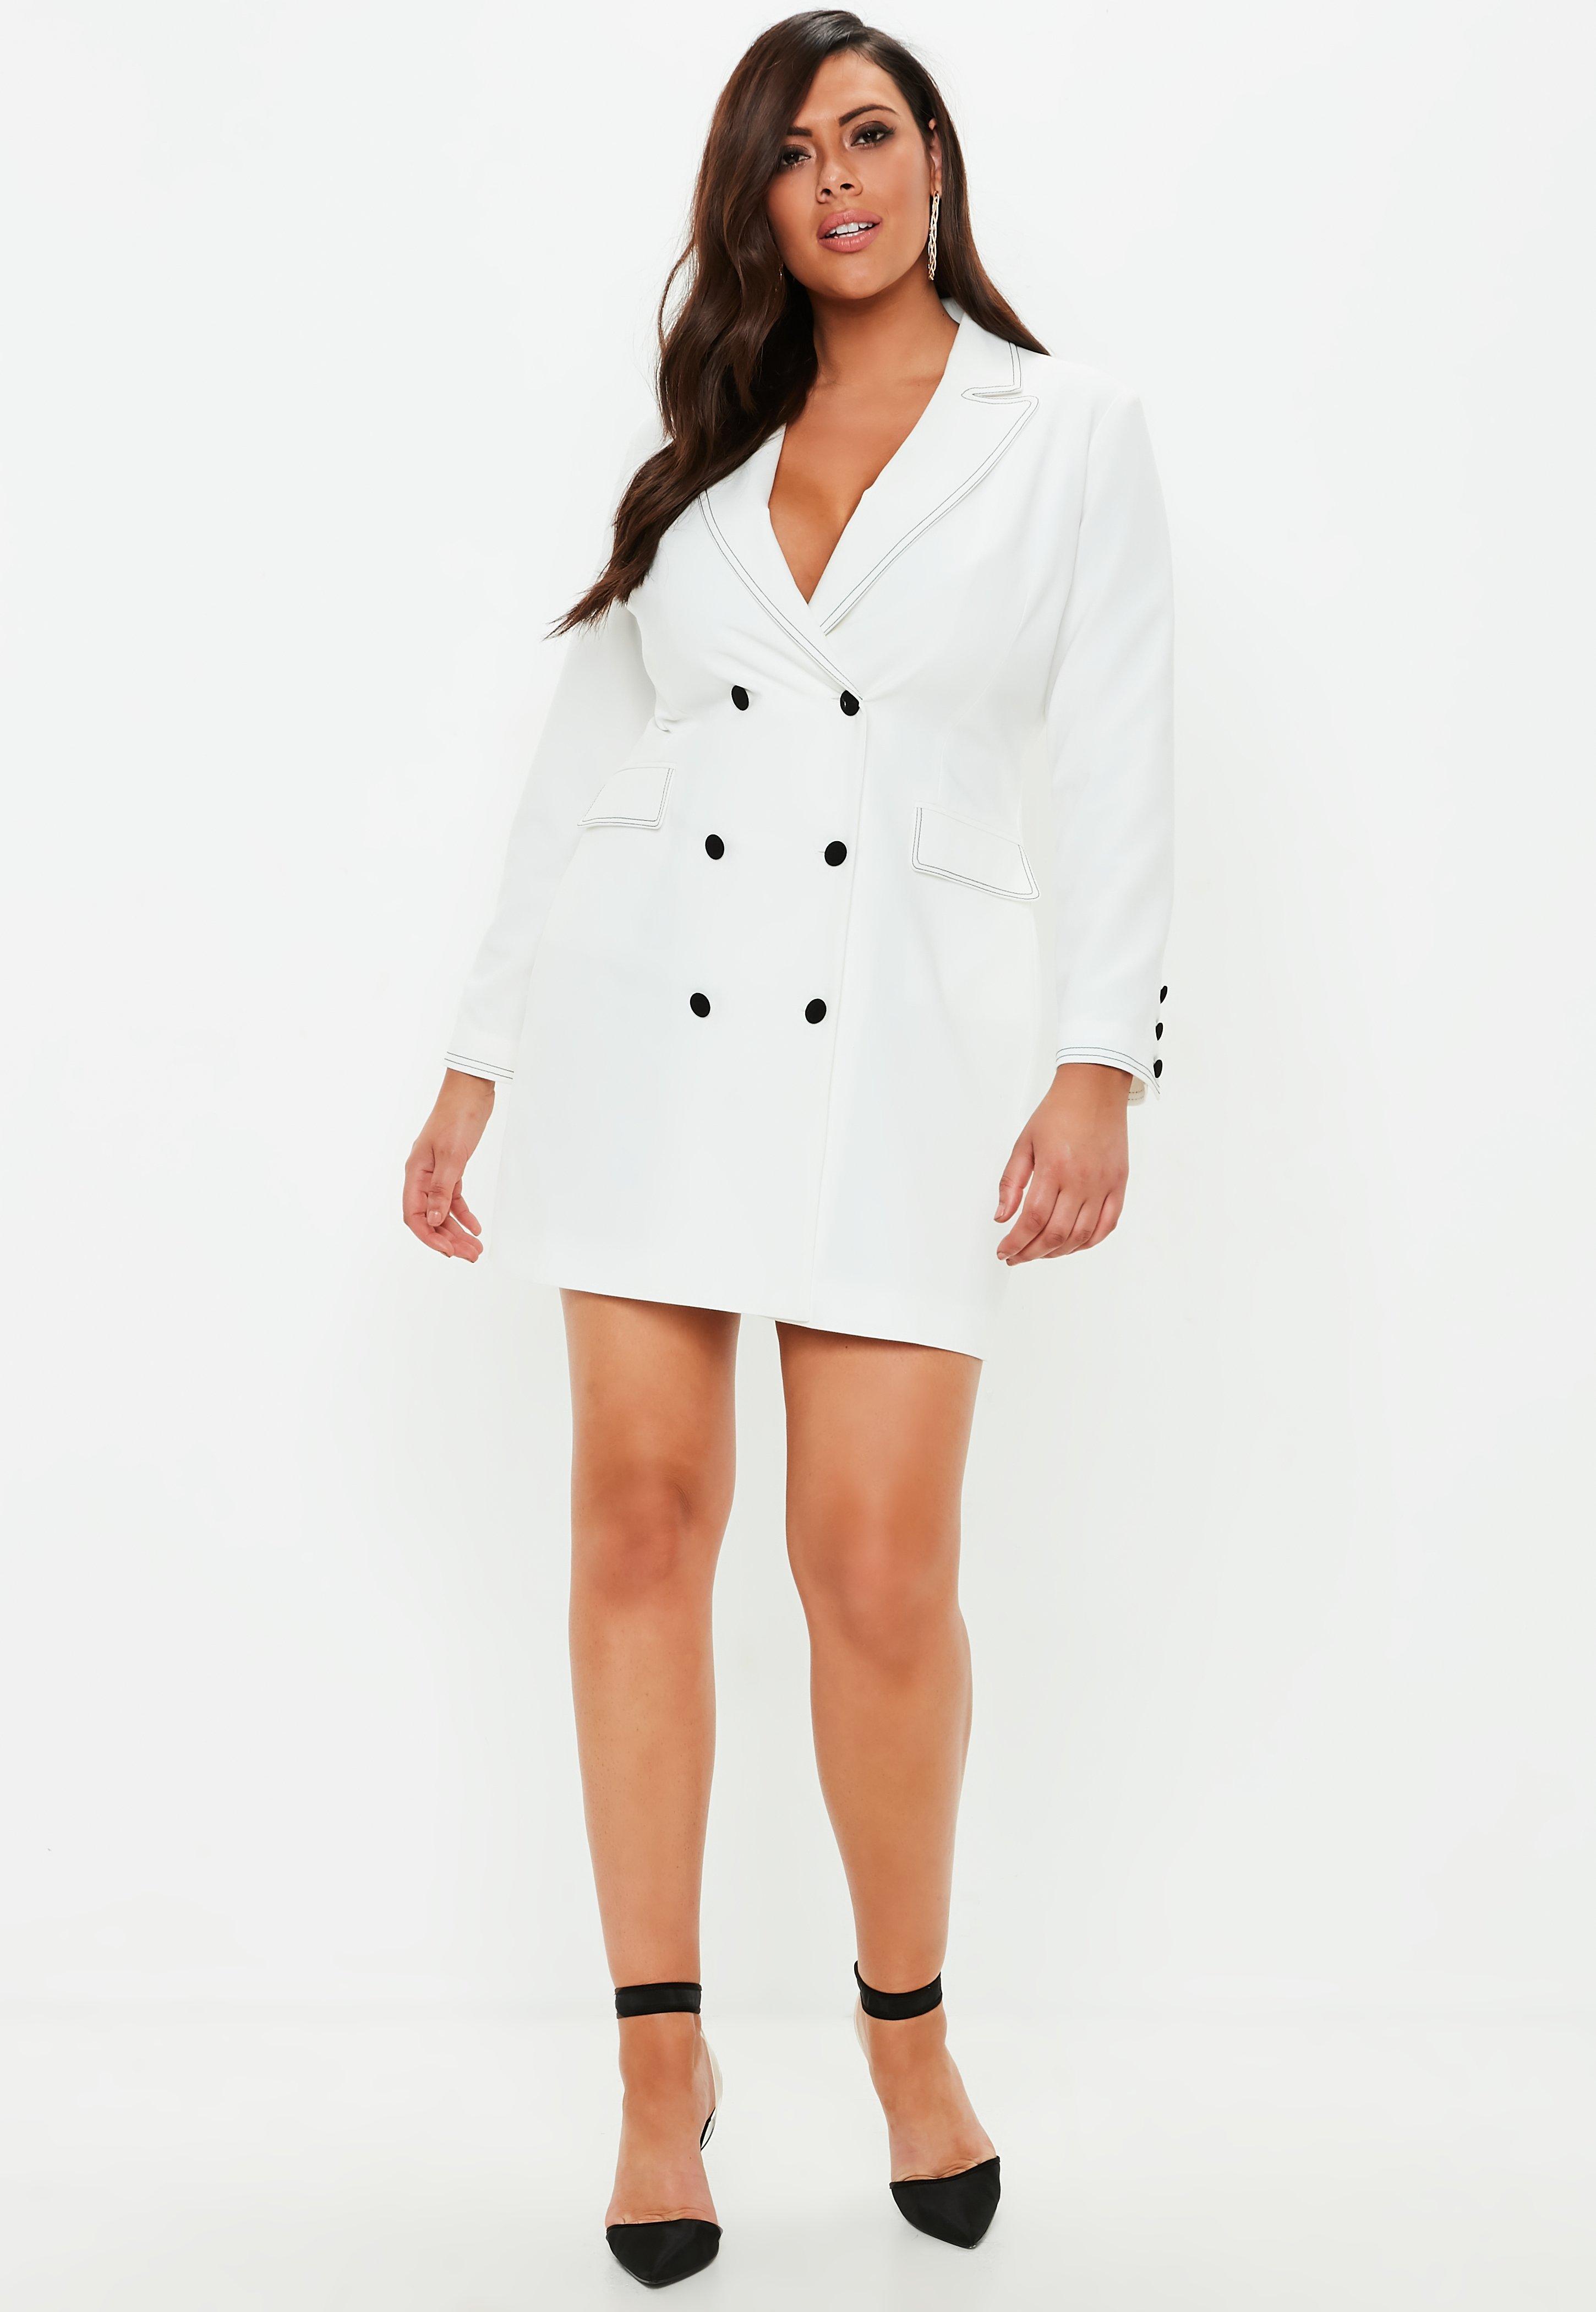 Plus Size White Crepe Contrast Stitch Blazer Dress